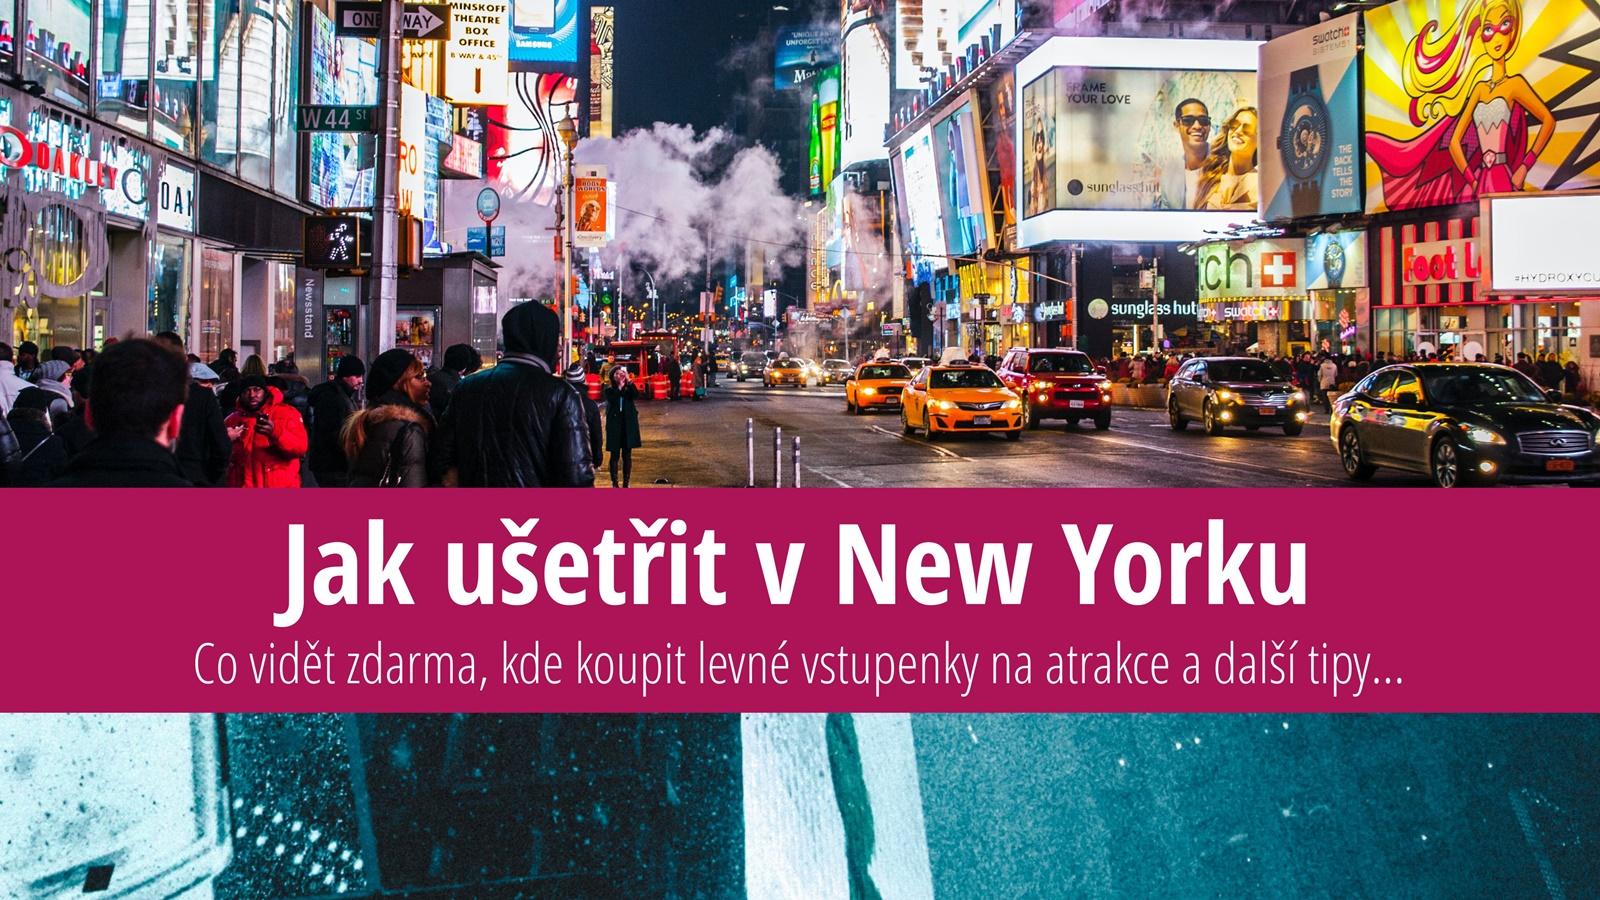 Jak ušetřit v New Yorku | © PixaBay.com